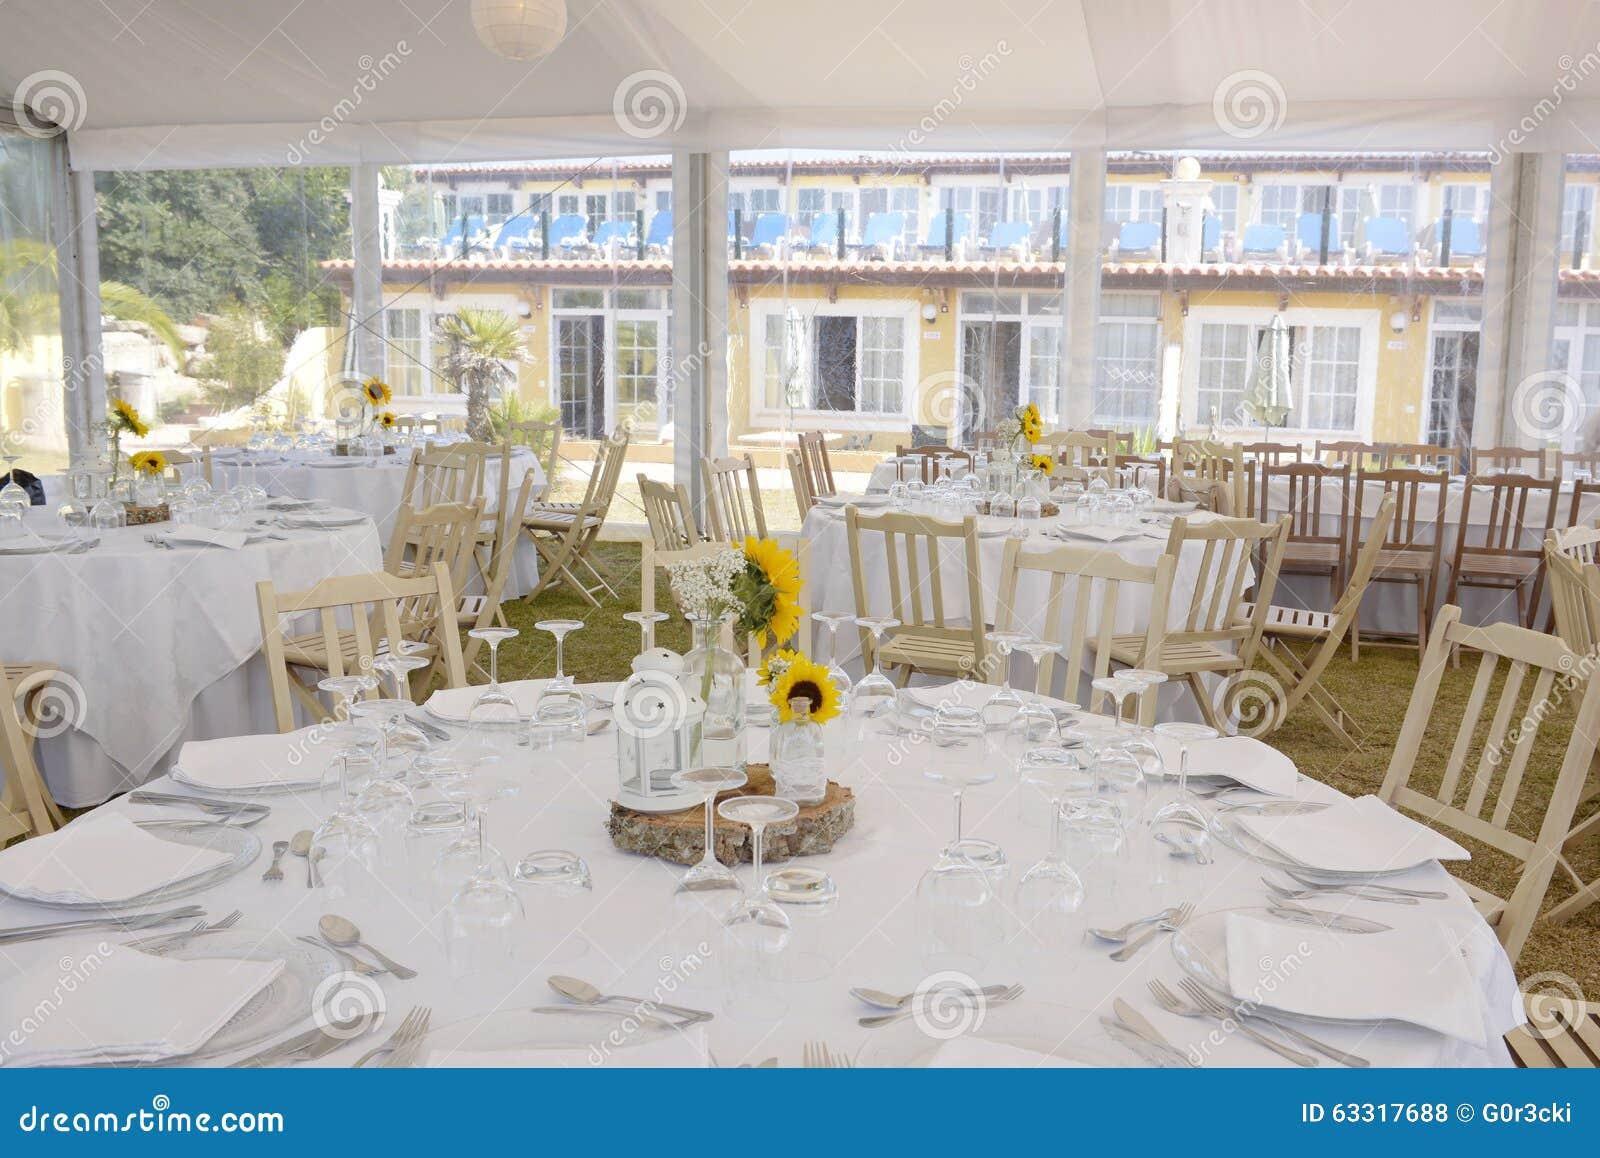 decoracin blanca con los girasoles banquete de boda evento de los manteles